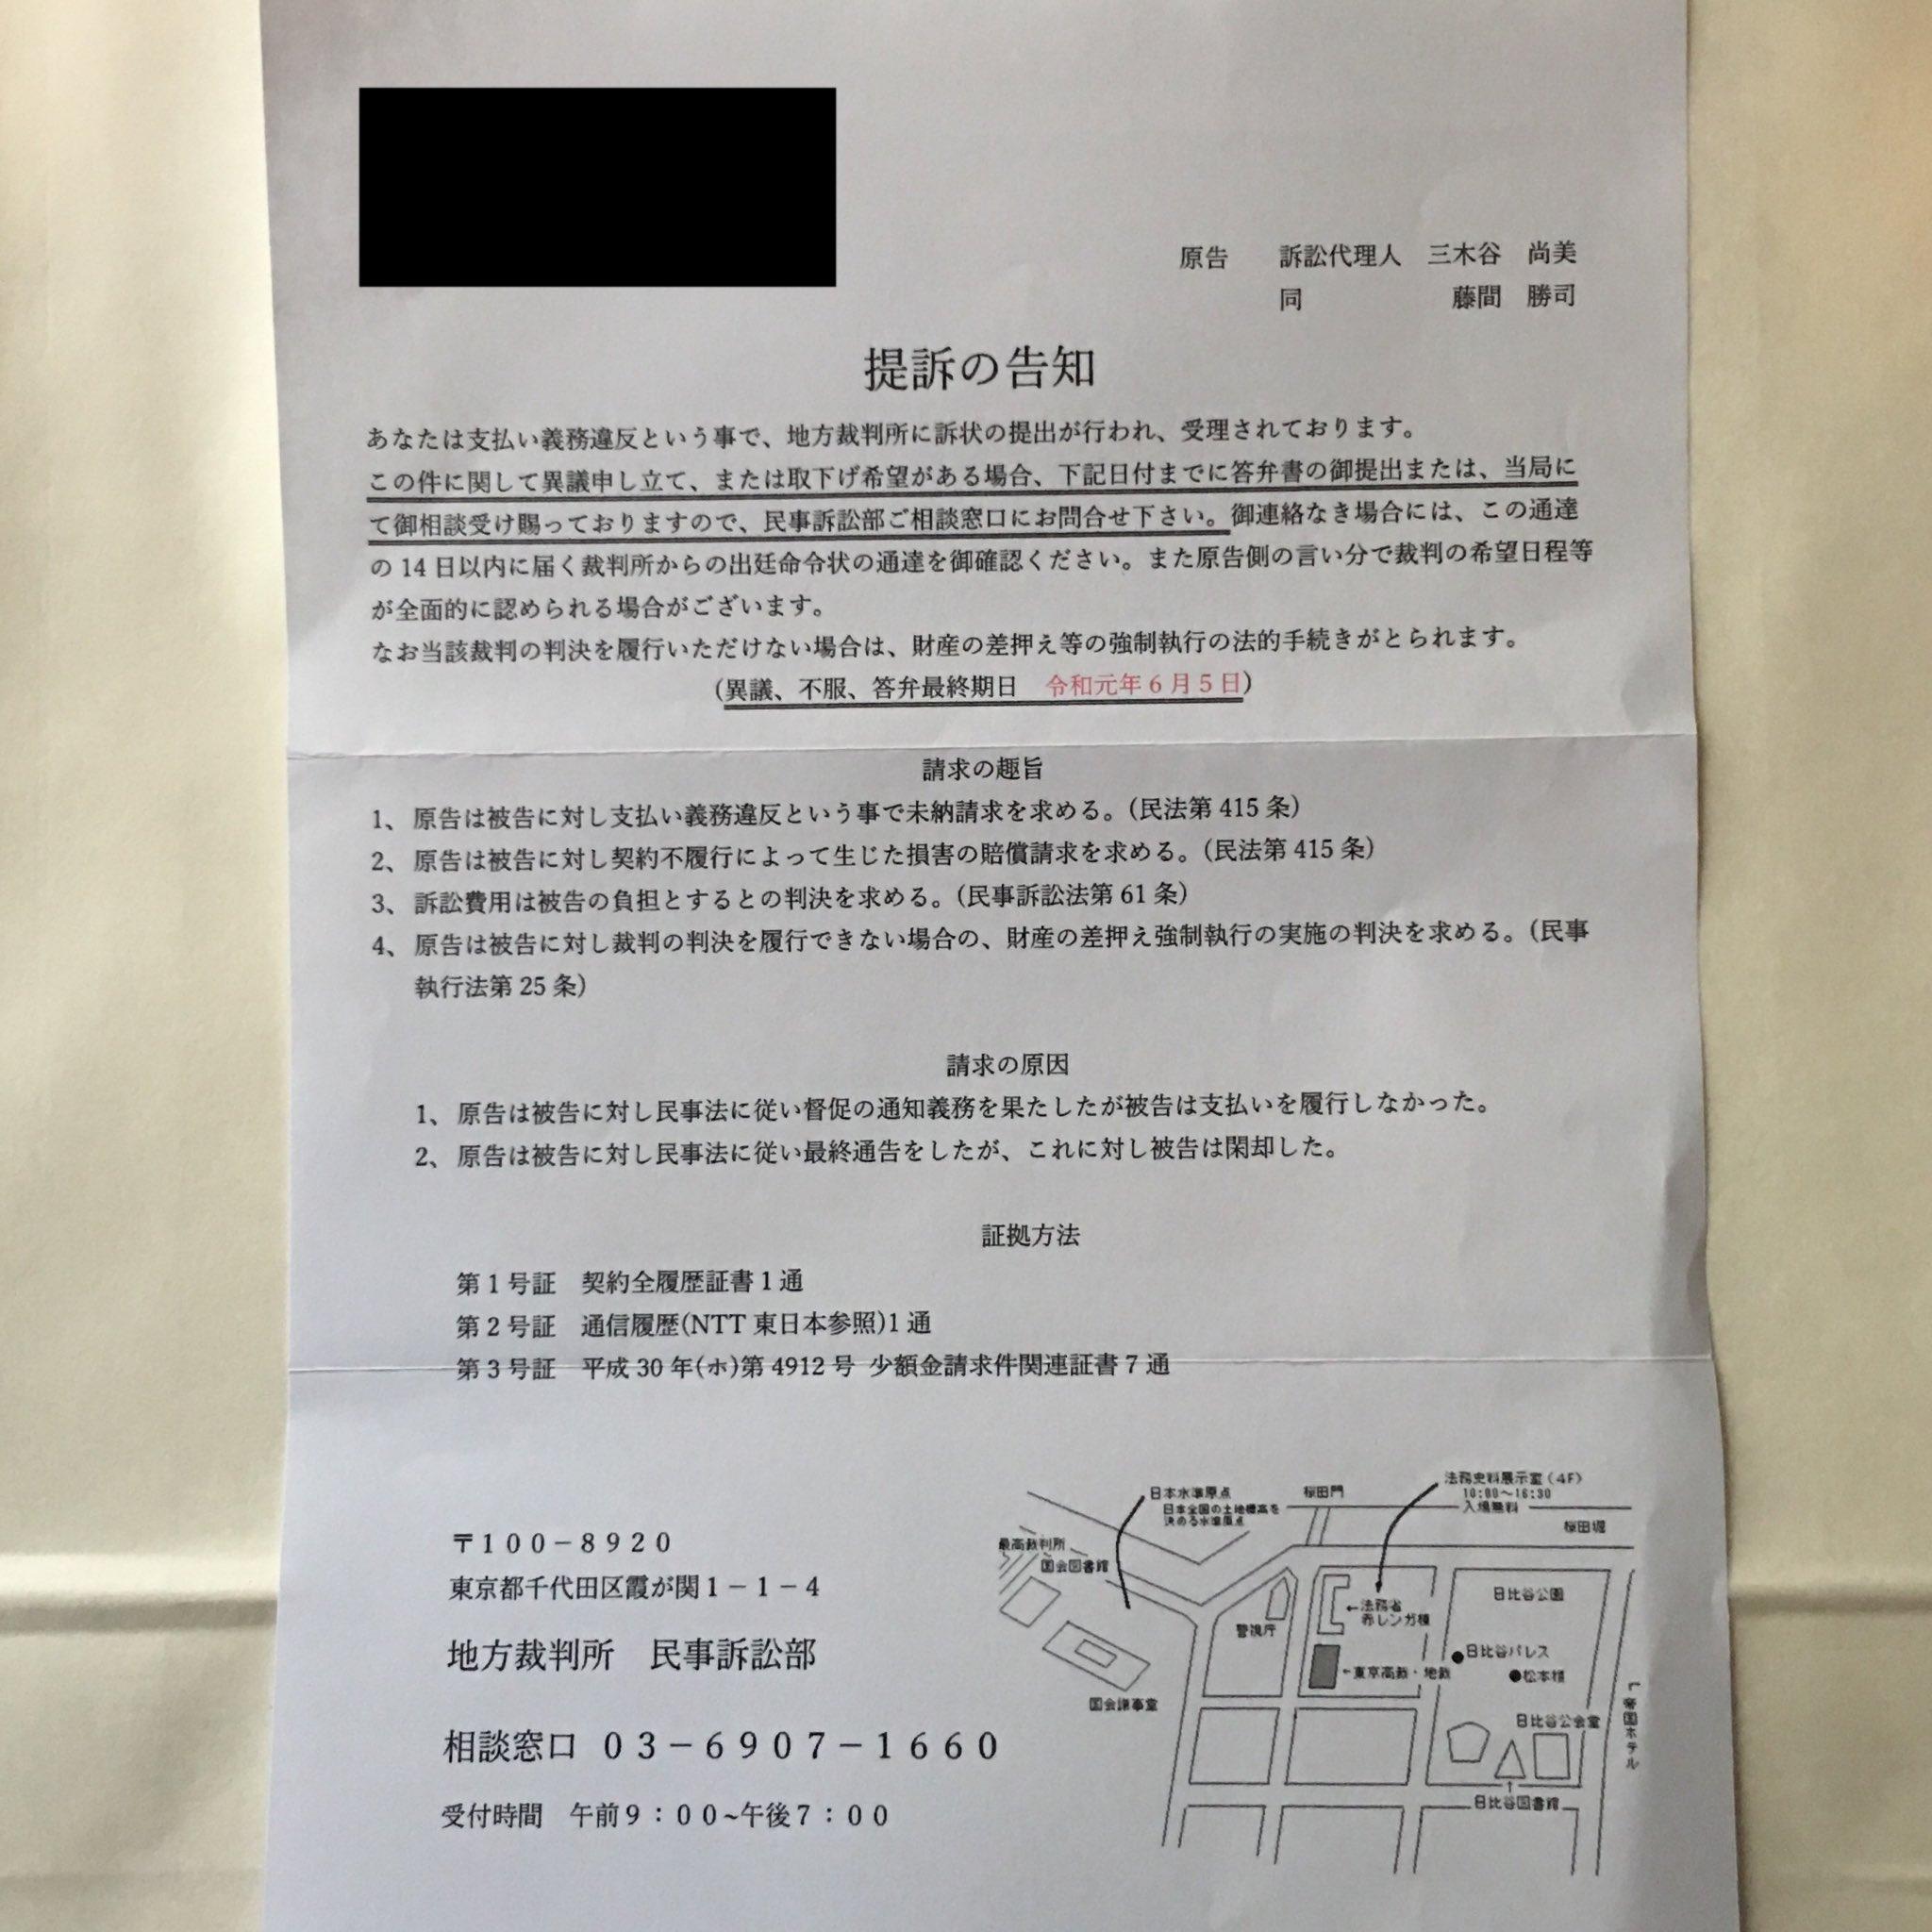 〜緊急拡散希望〜<br>いままではハガキでしたが新手の詐欺だそうです!<br>普通郵便で実家に届きました。<br>皆さん、ご注意下さい!!<br><br>※以下、東京地方裁判所に確認済み<br>   相談窓口:03-5721-4630<br>#詐欺 #注意 #拡散希望